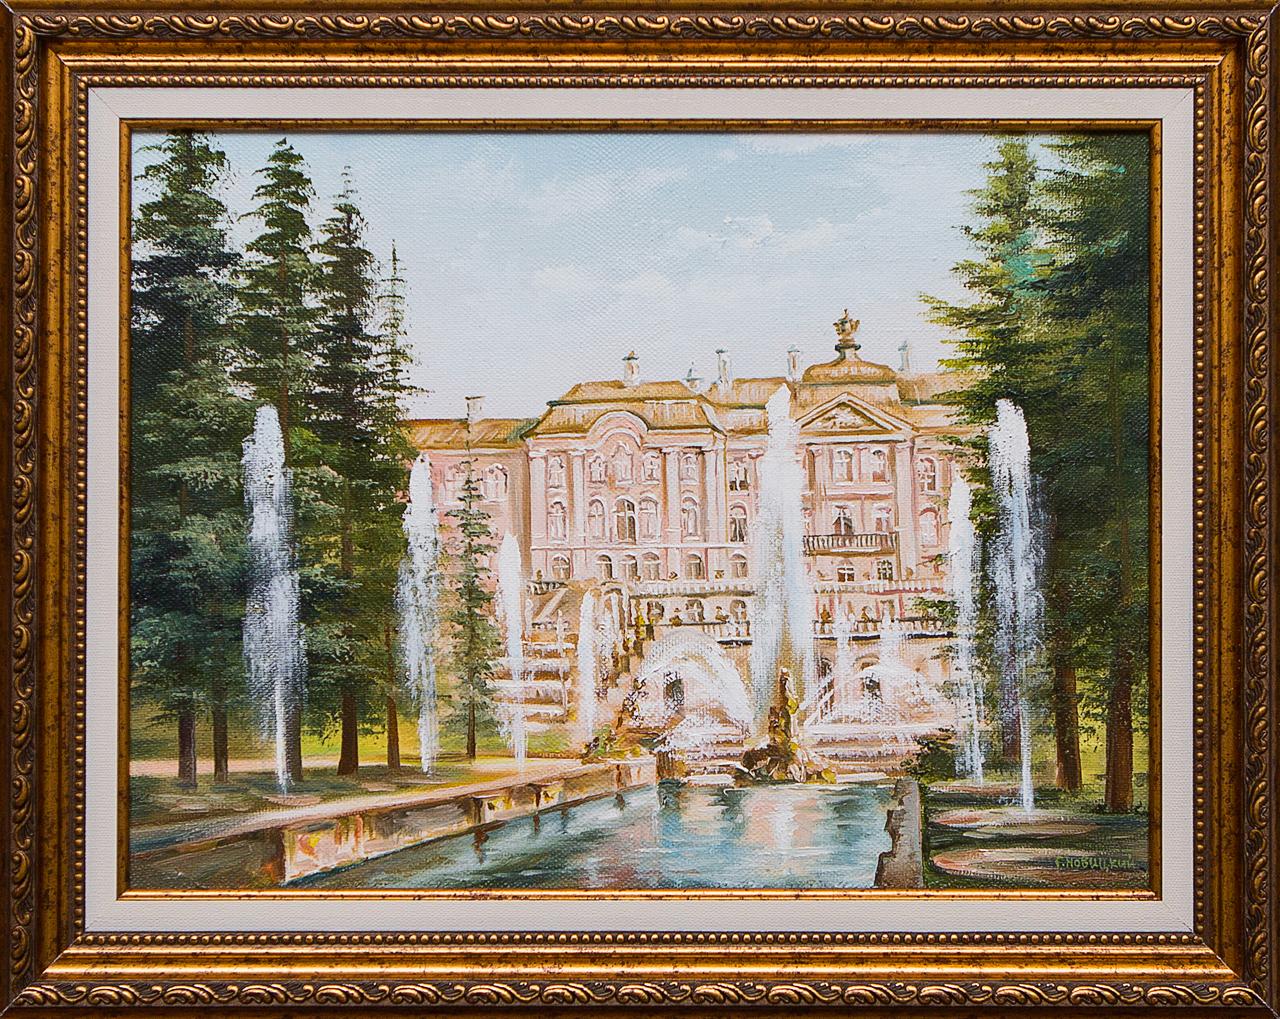 Картина маслом Петергоф Новицкий картина маслом вид на троицкий собор новицкий